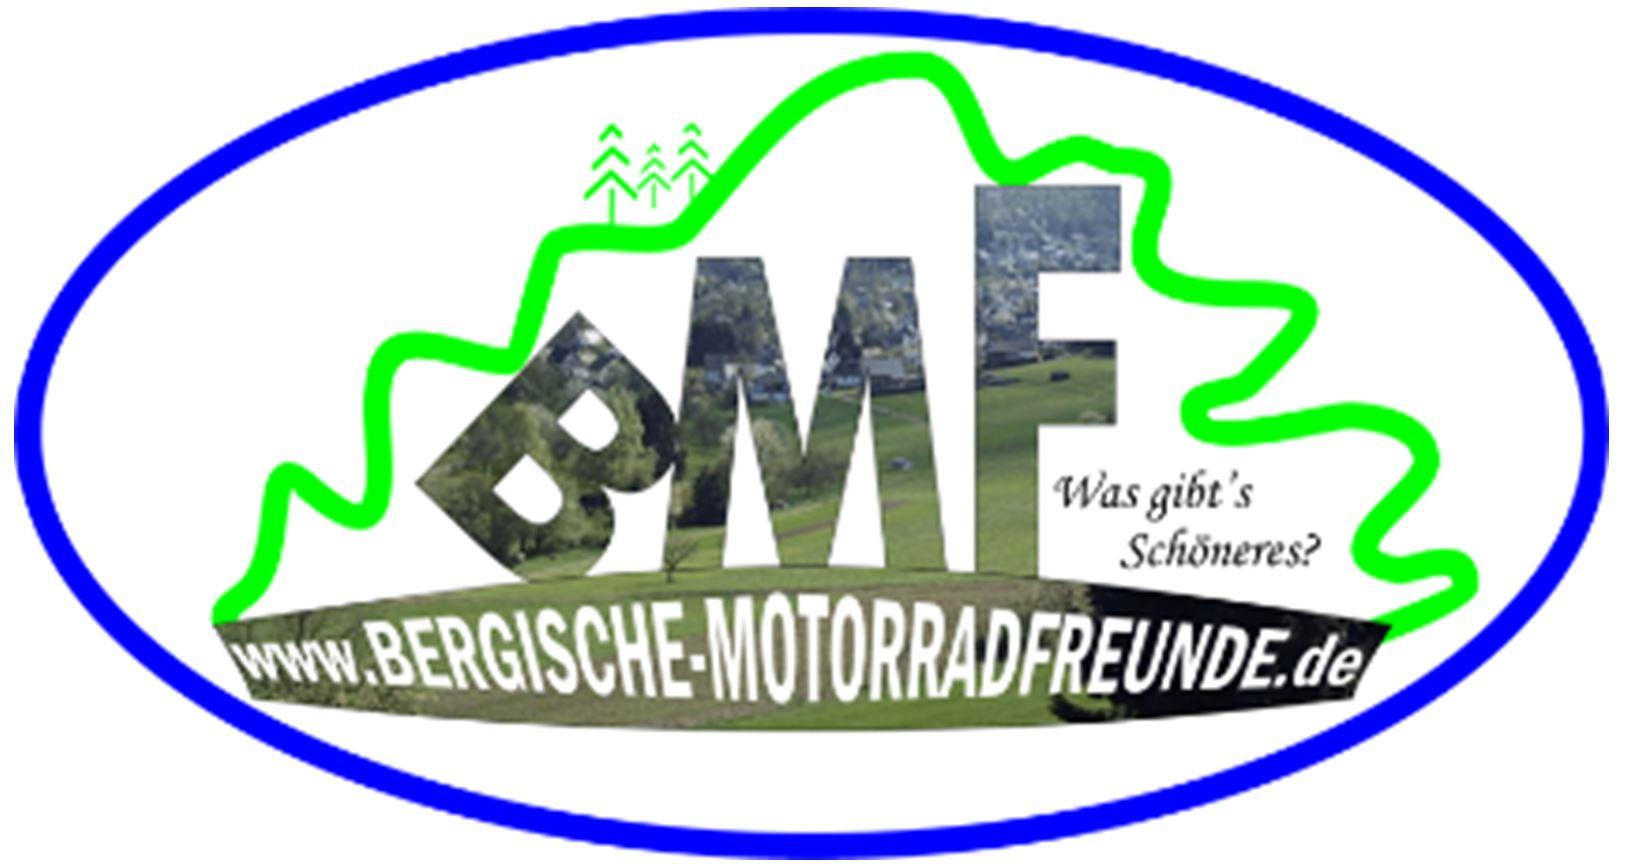 Bergische Motorradfreunde